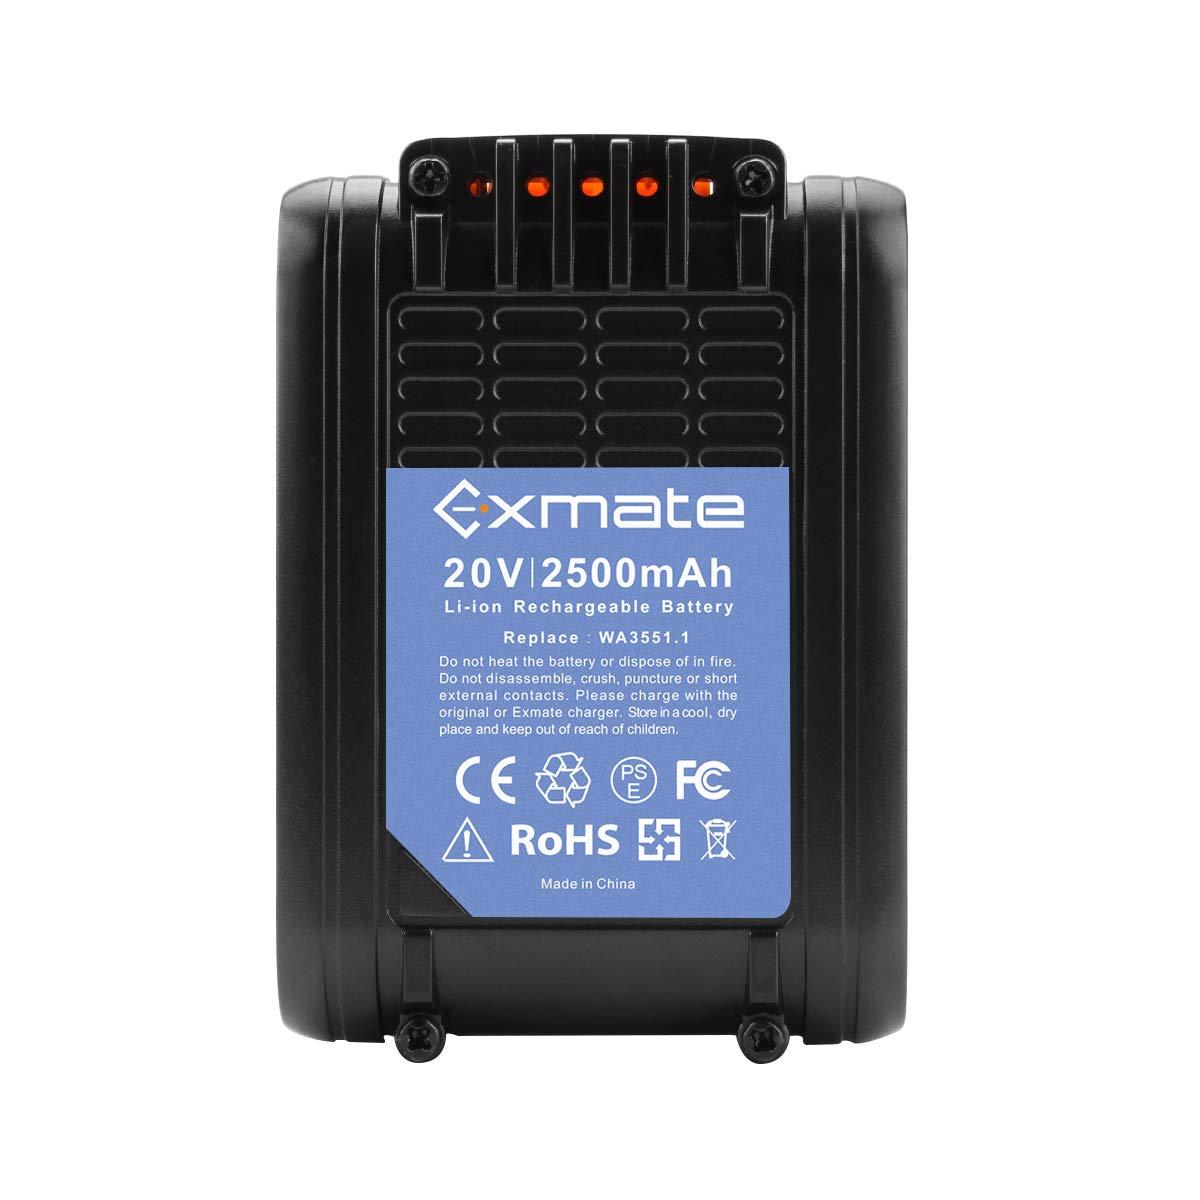 Exmate Batería de repuesto Li-ion 20V 2500mAh para WORX WA3551.1 ...